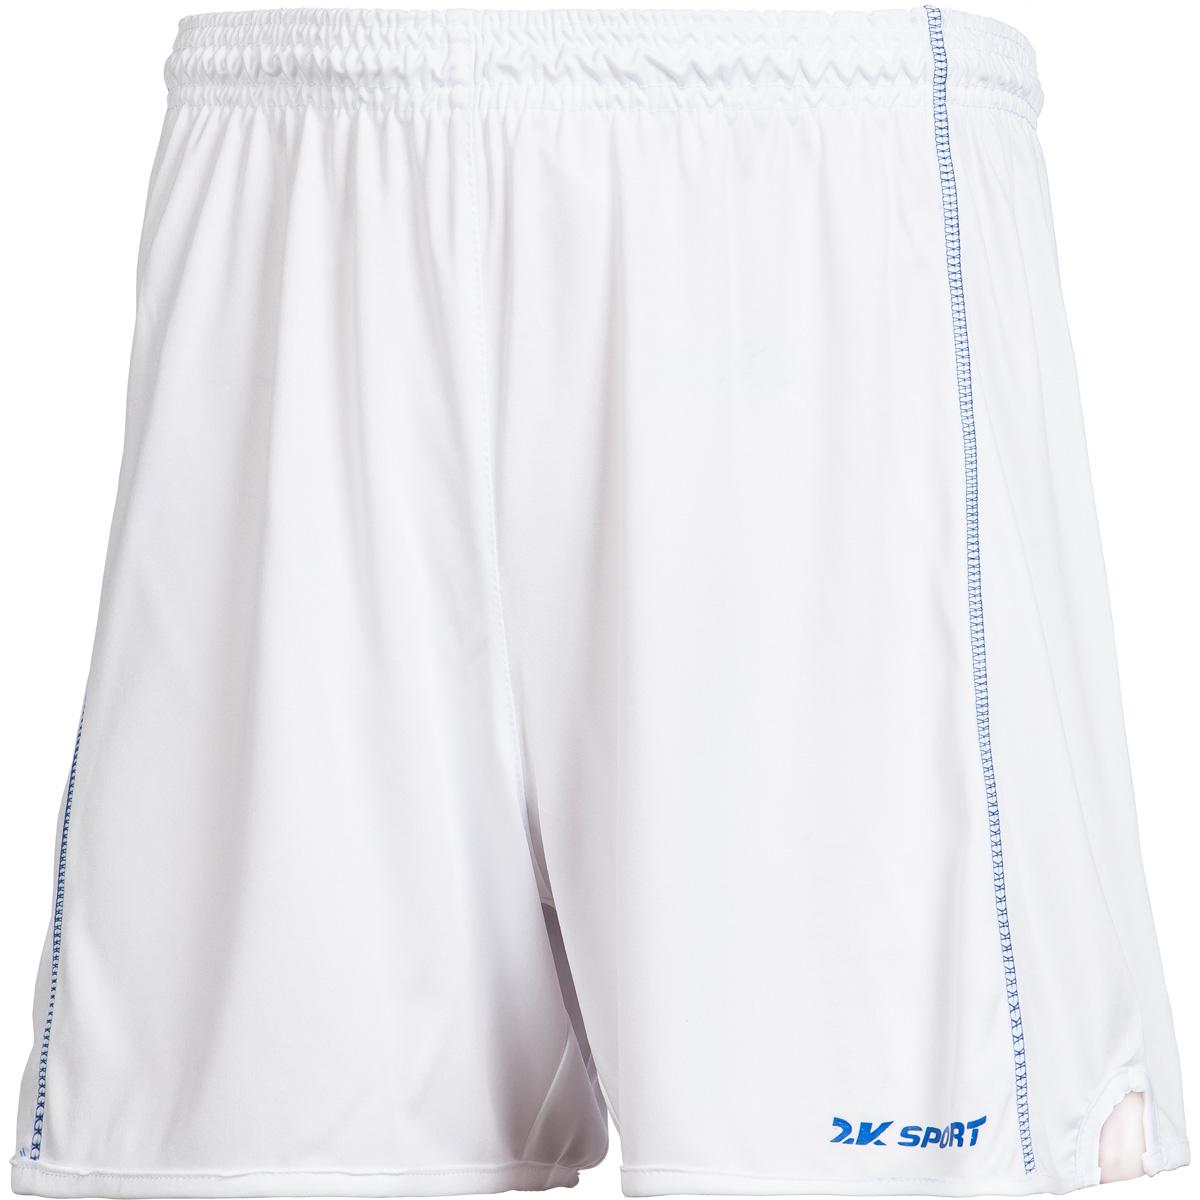 Шорты волейбольные мужские 2K Sport Energy, цвет: белый. 140041. Размер XXL (54)140041_whiteВолейбольные шорты с контрастными полосами по бокам. Изготовлены из ткани повышенной прочности, дополнены эластичным поясом со шнурками.